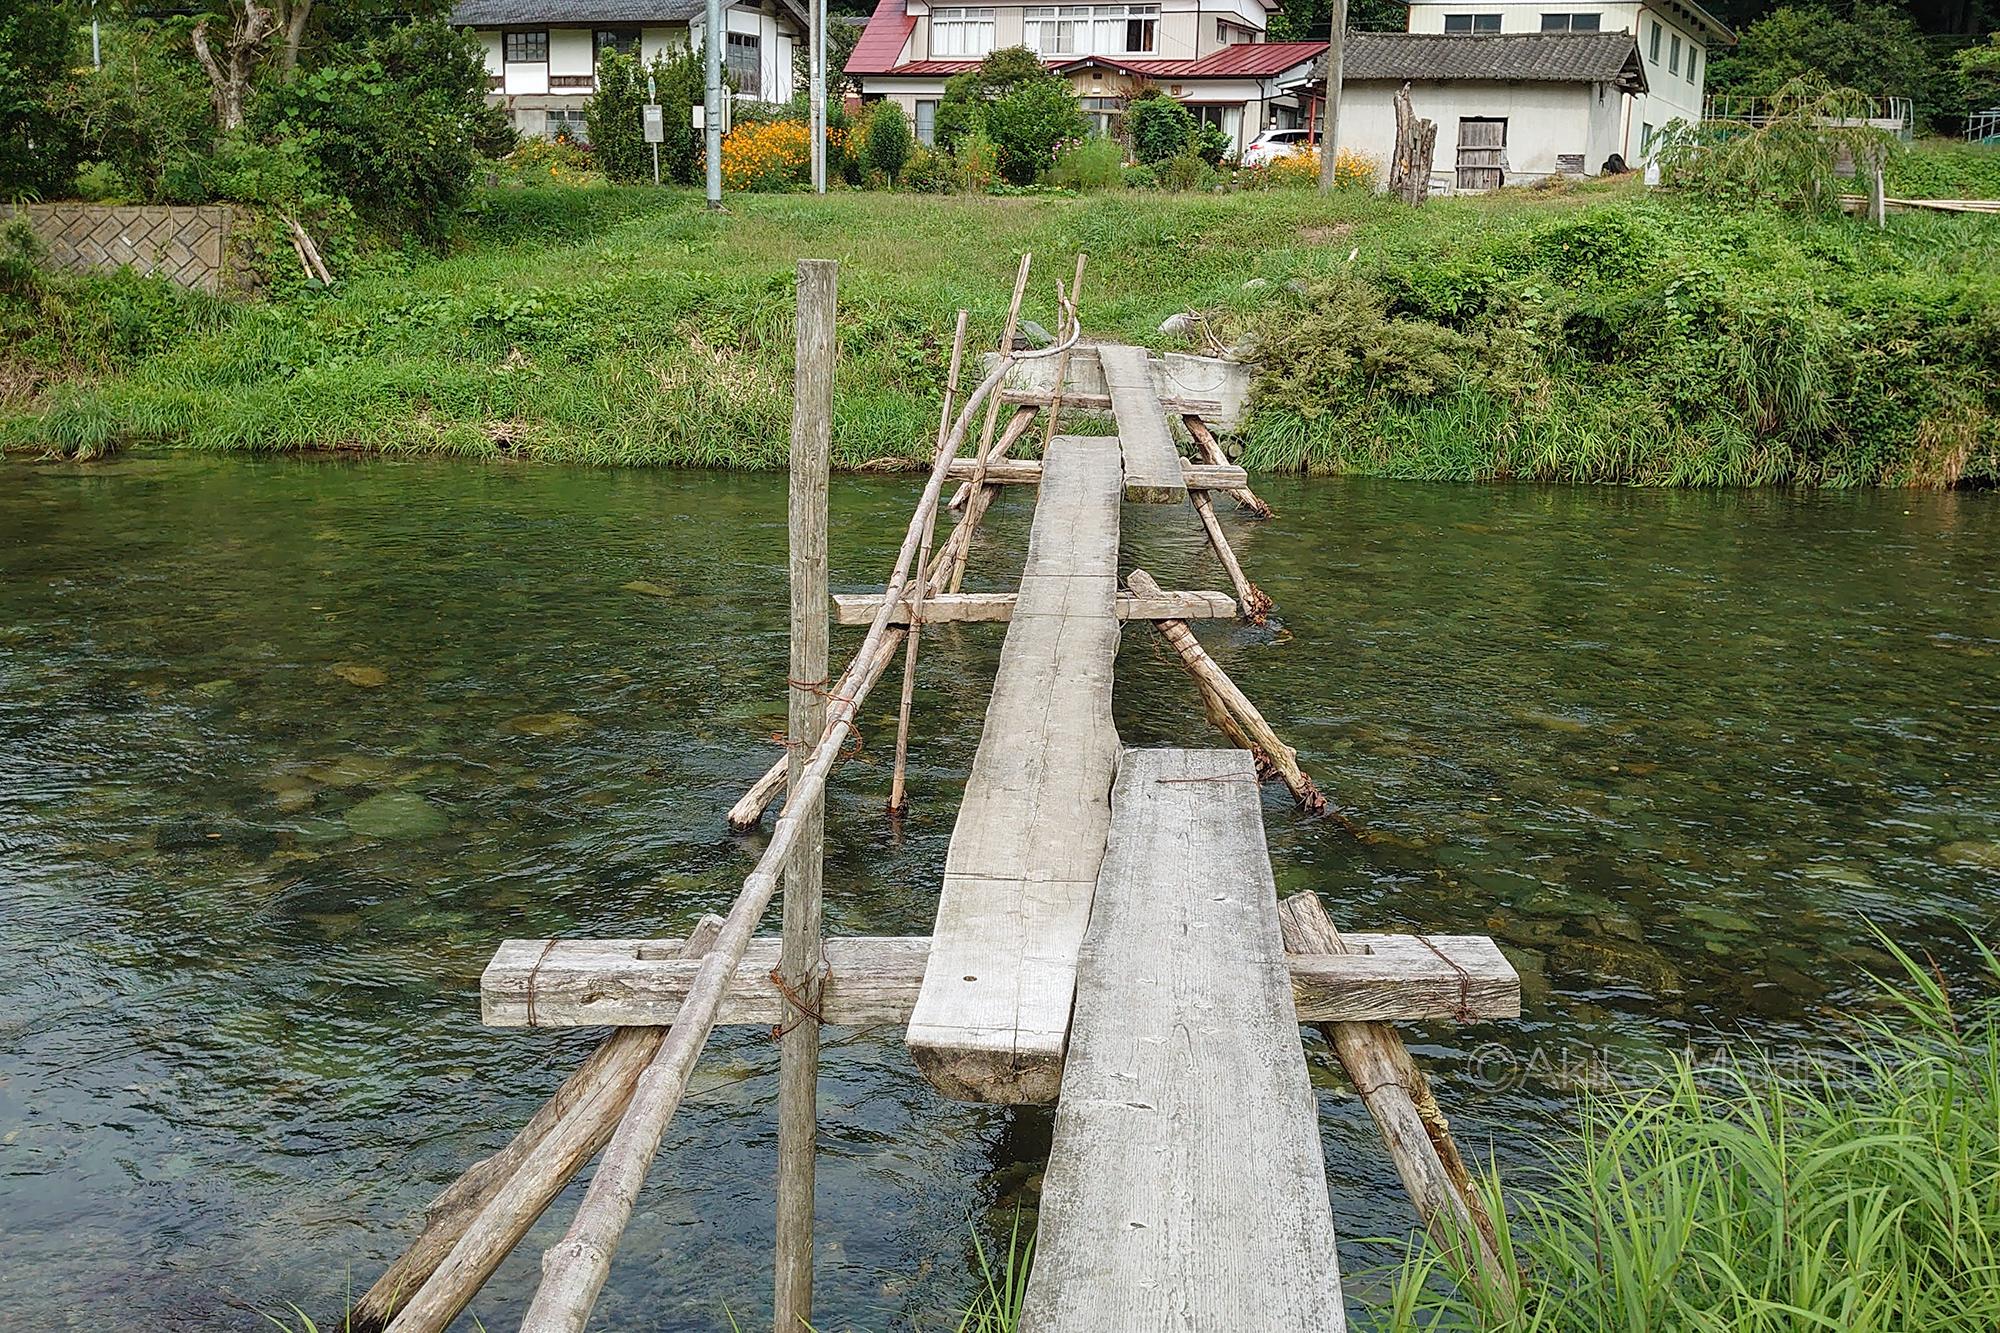 ザマザが支える伝統の流れ橋「松日橋」 岩手県住田町の橋【2】